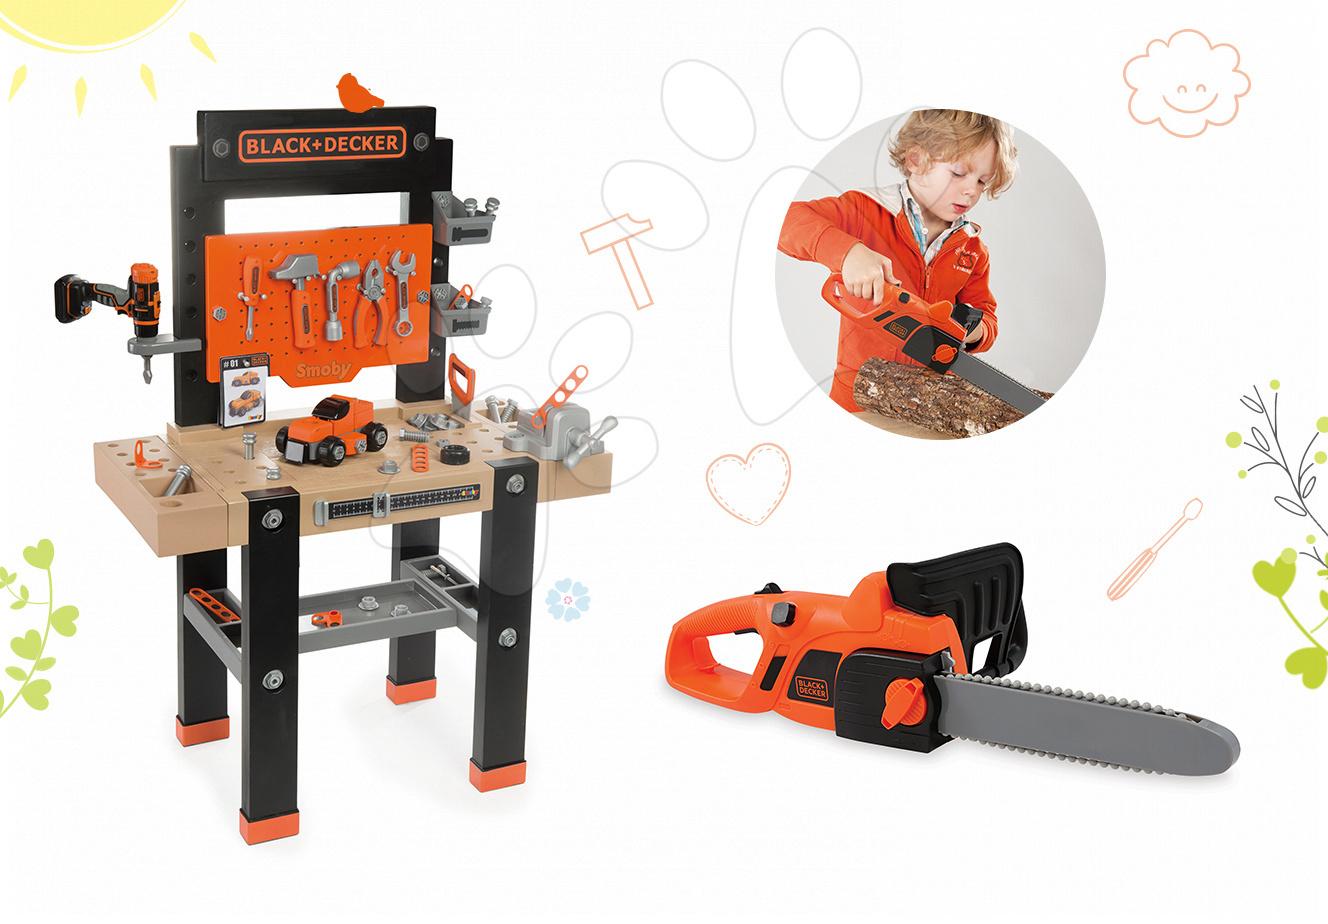 Set pracovní dílna pro děti Black+Decker Smoby s vrtačkou a elektronická motorová pila